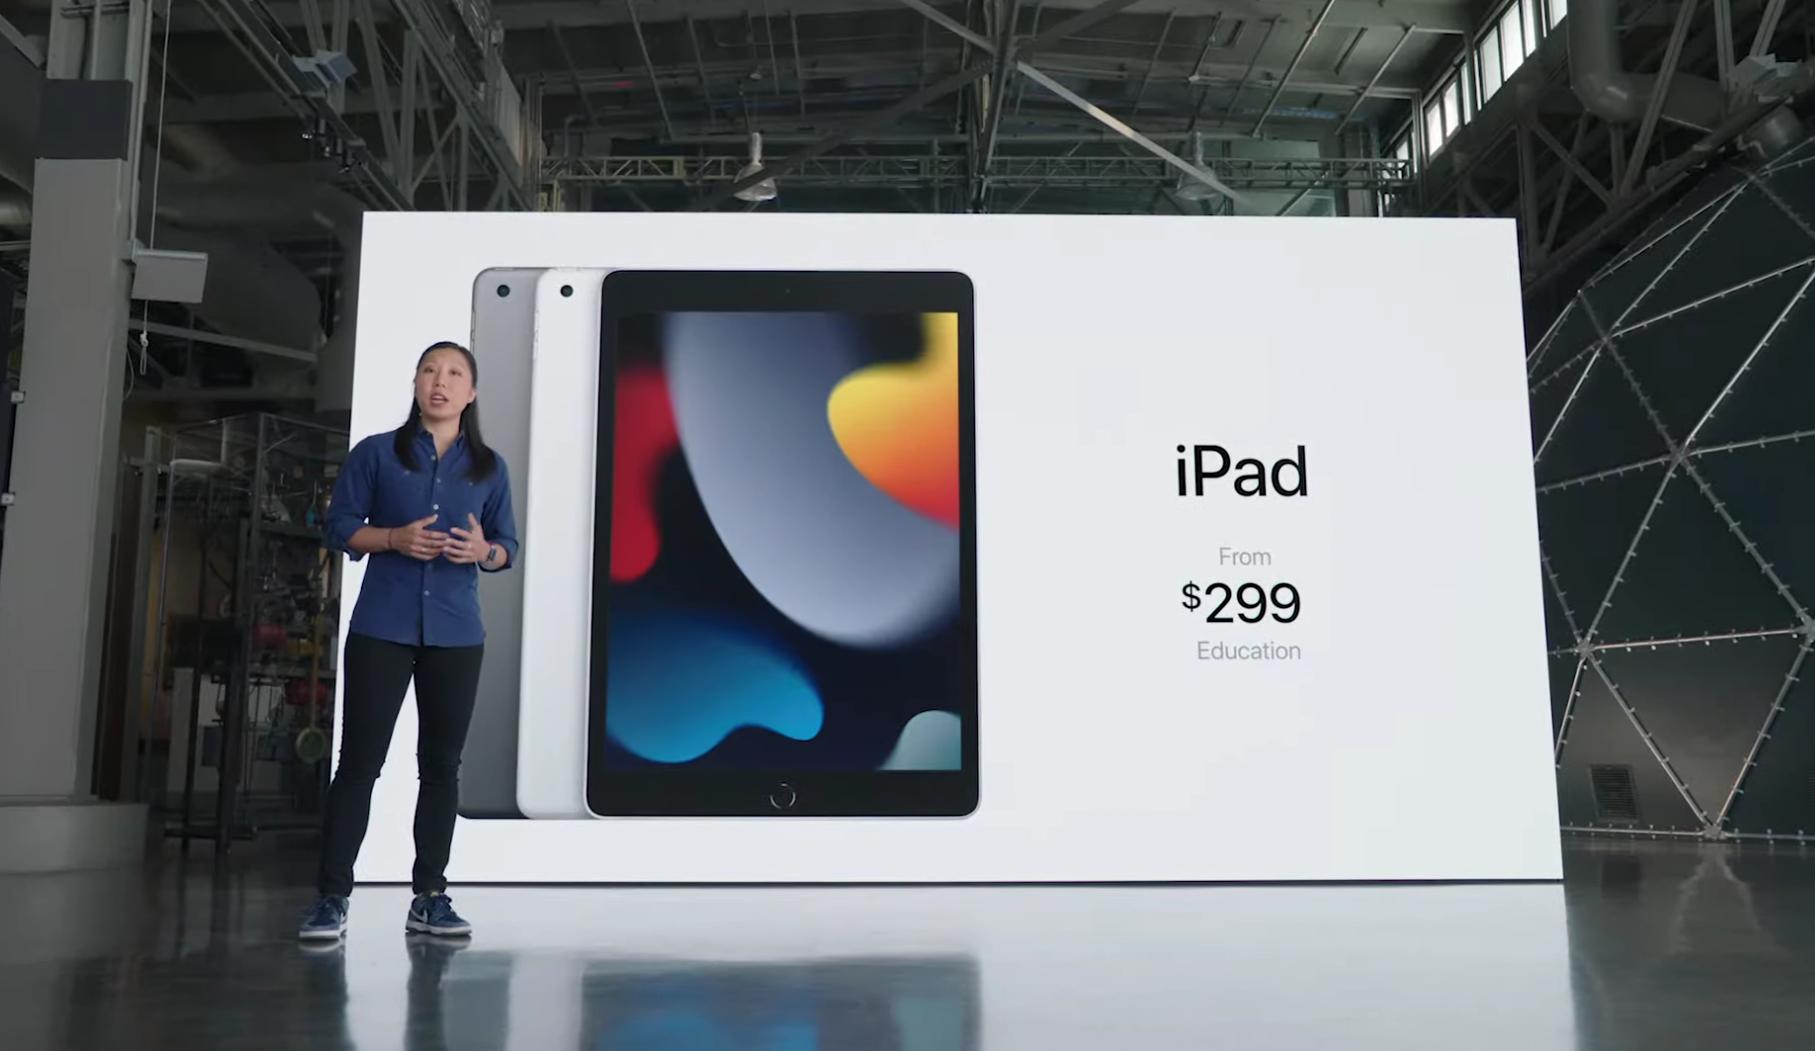 苹果发布会三大亮点:5纳米A15芯片、120Hz屏幕刷新率、片子级摄像头  刷新率 ipad 苹果发布会 数码 苹果公司 iphone 芯片 苹果 第2张